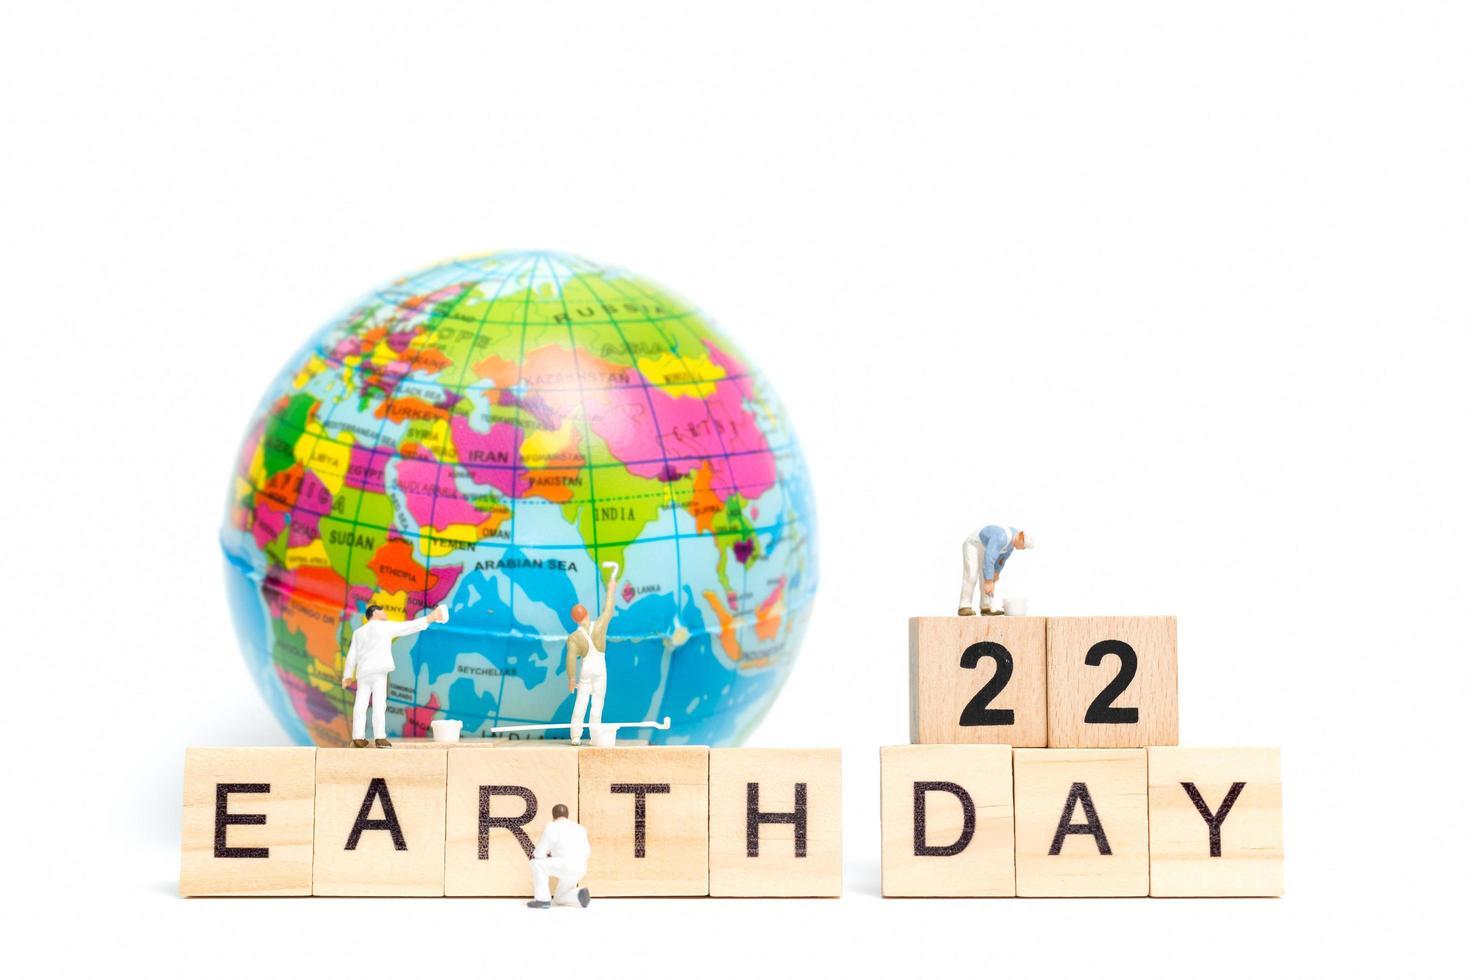 Pintores en miniatura pintando en un globo terráqueo con bloques de madera que muestran el día 22 de la tierra sobre un fondo blanco, concepto del día de la tierra foto